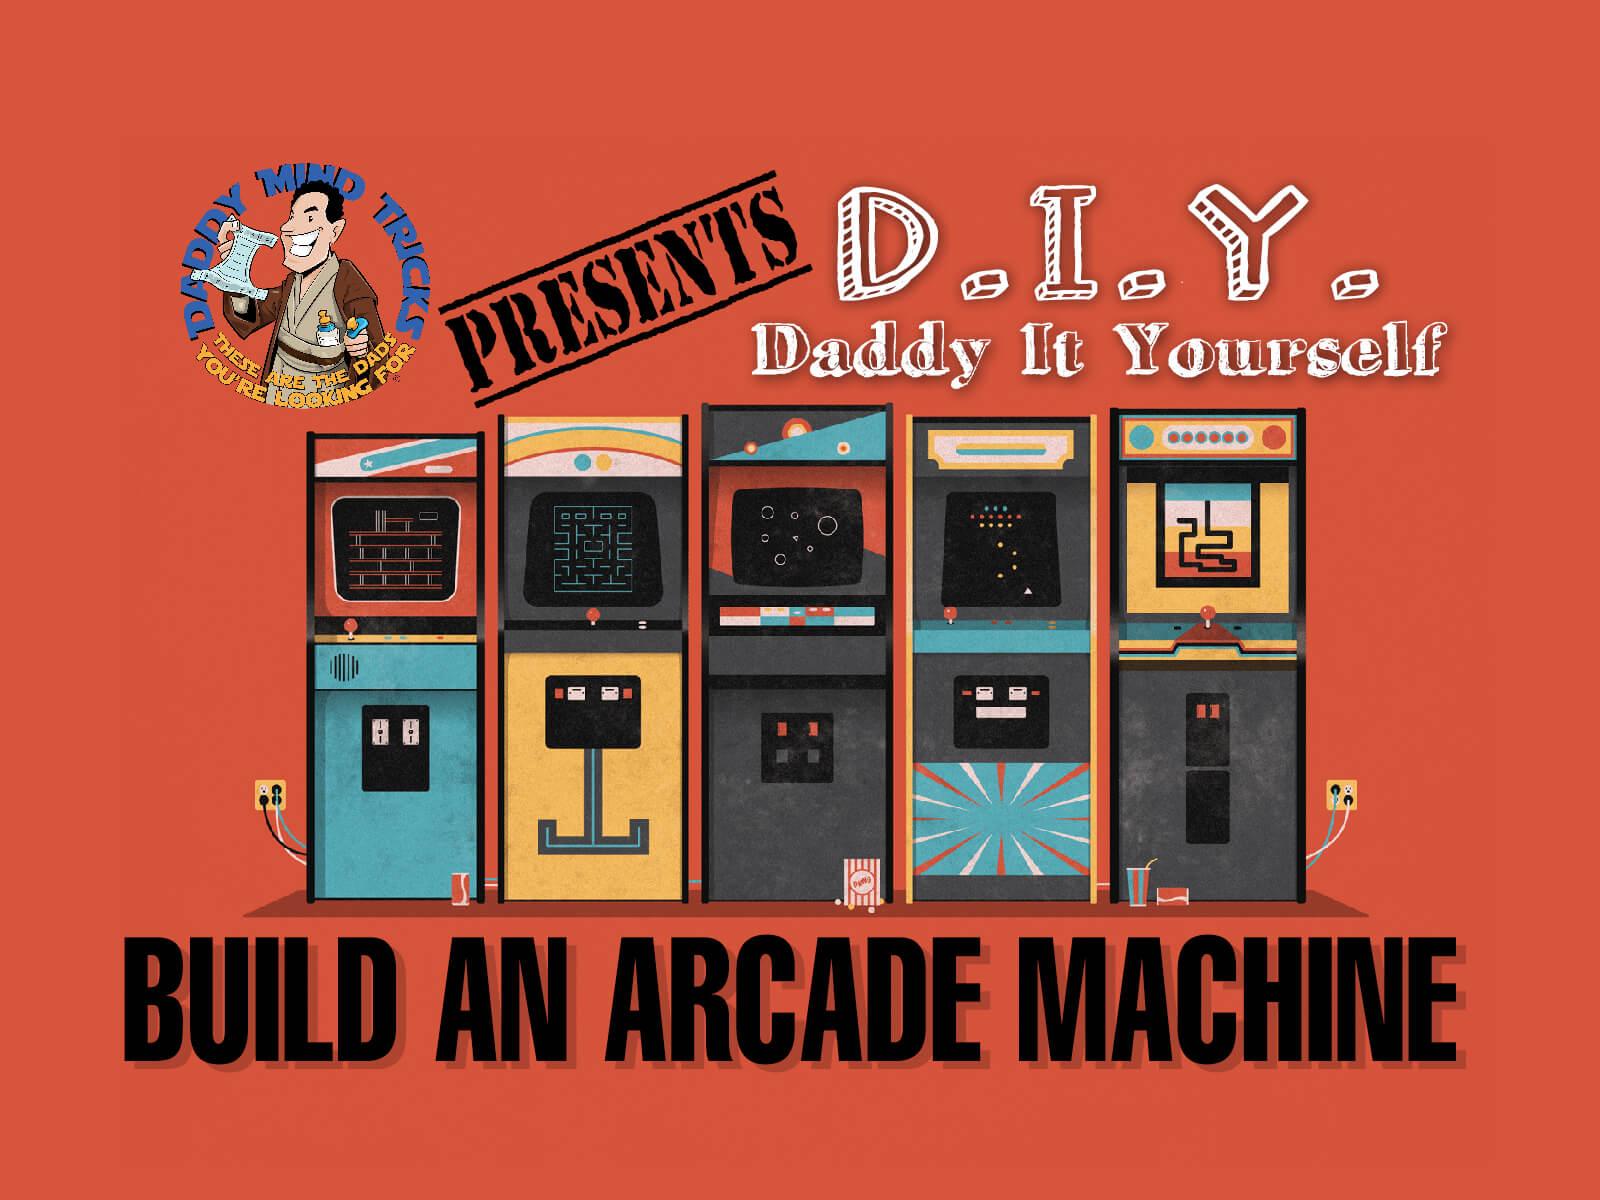 build an arcade machine